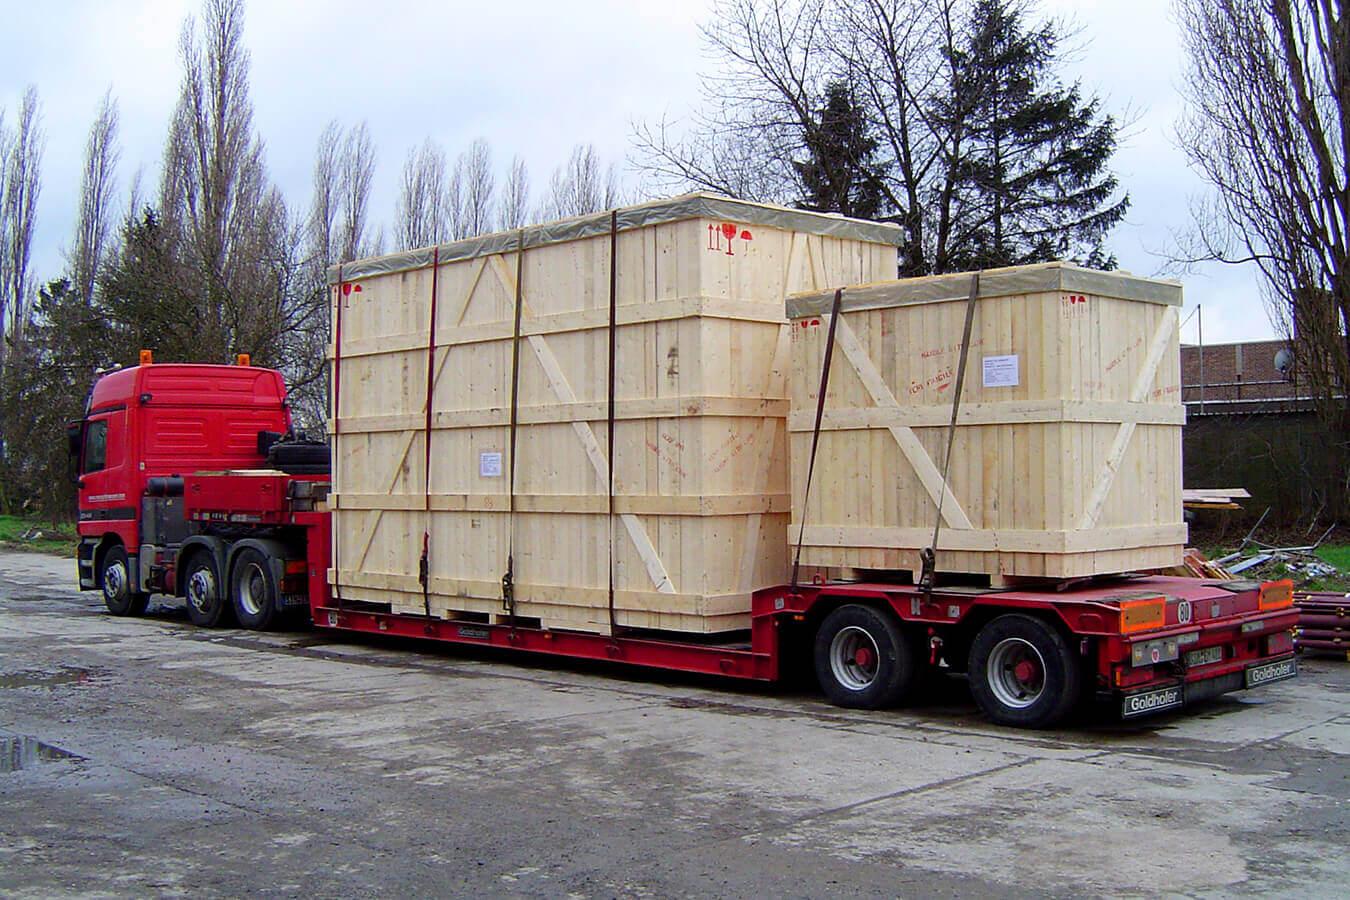 WaluPack Services réalise toute forme d'emballage industriel en bois